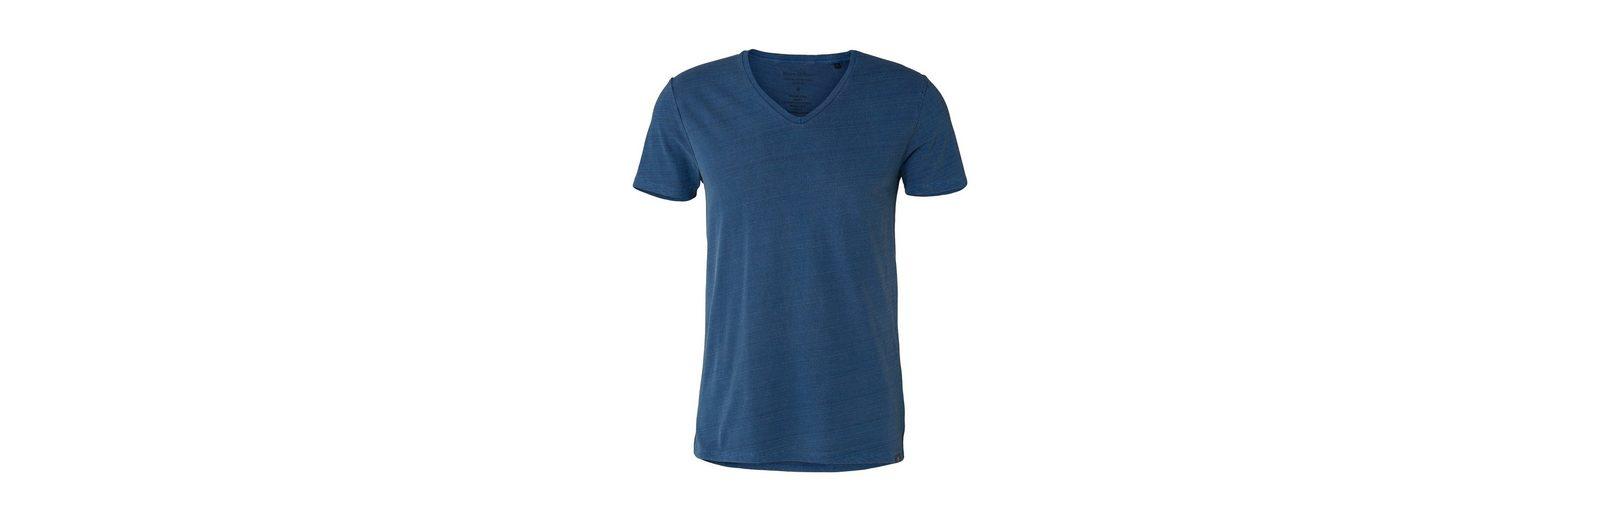 Billige Bilder Marc O'Polo T-Shirt Billige Ebay Freiheit Ausgezeichnet Spielraum Finish h9mQFs4